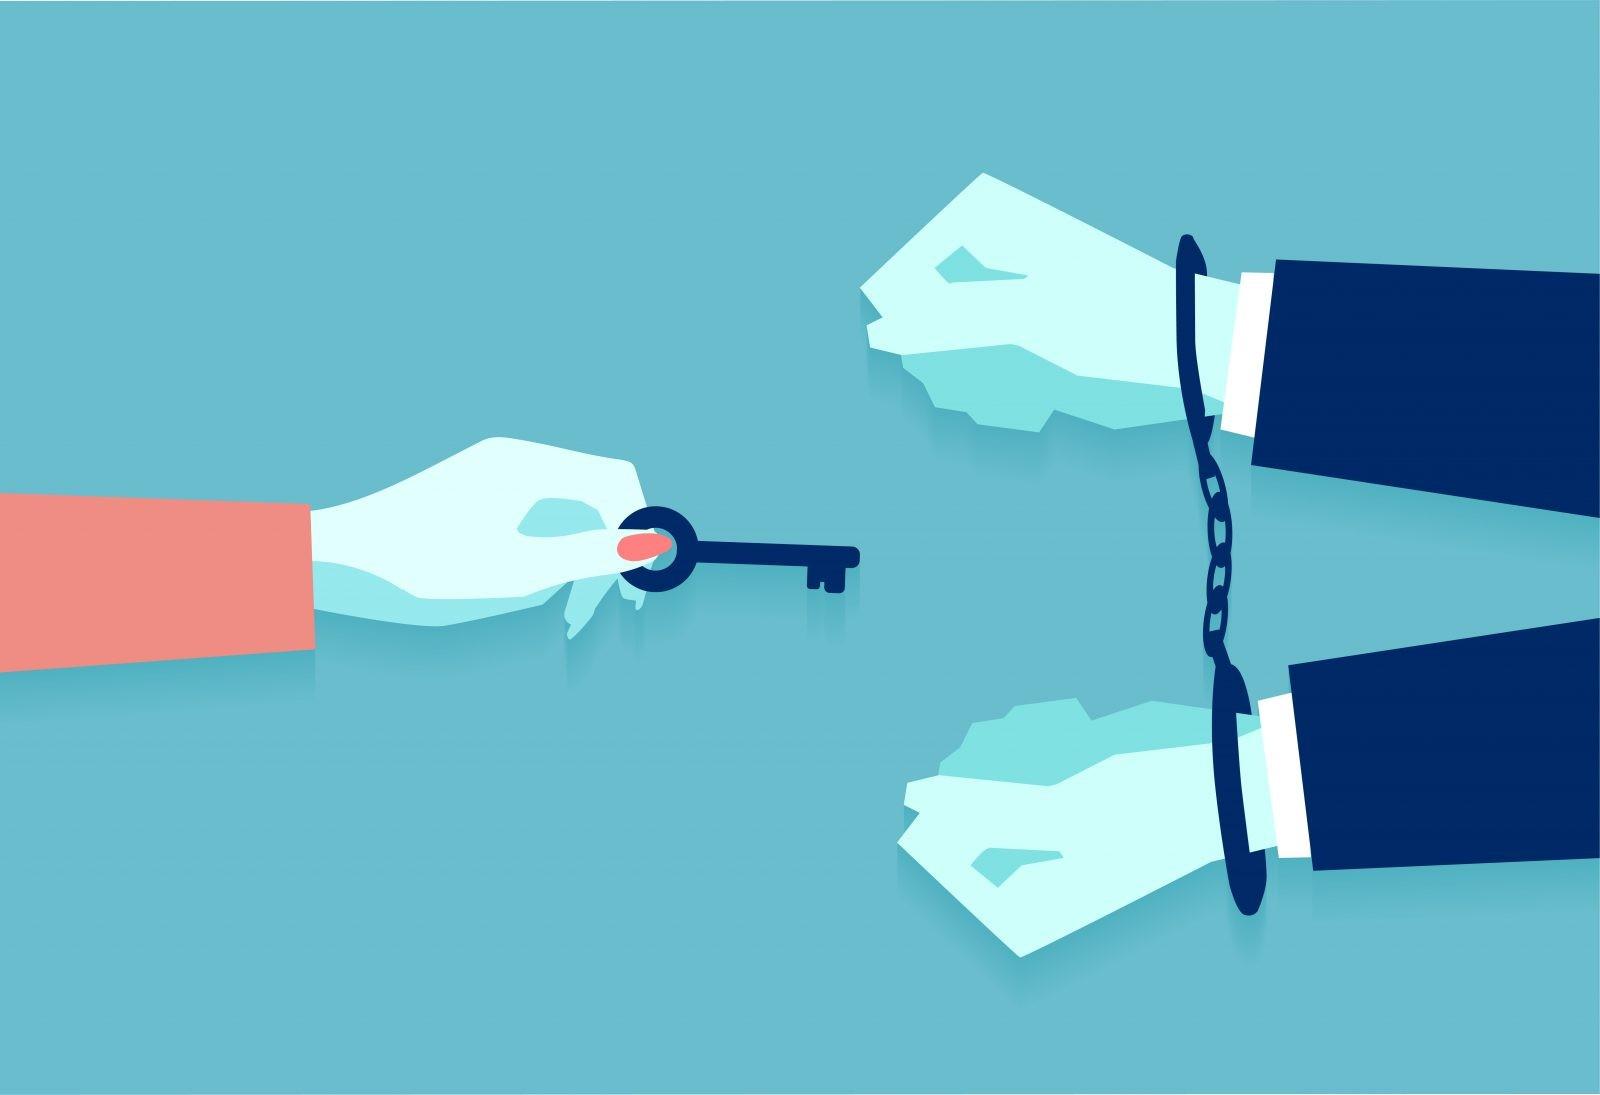 Evita problemas legales con una buena gestión fiscal